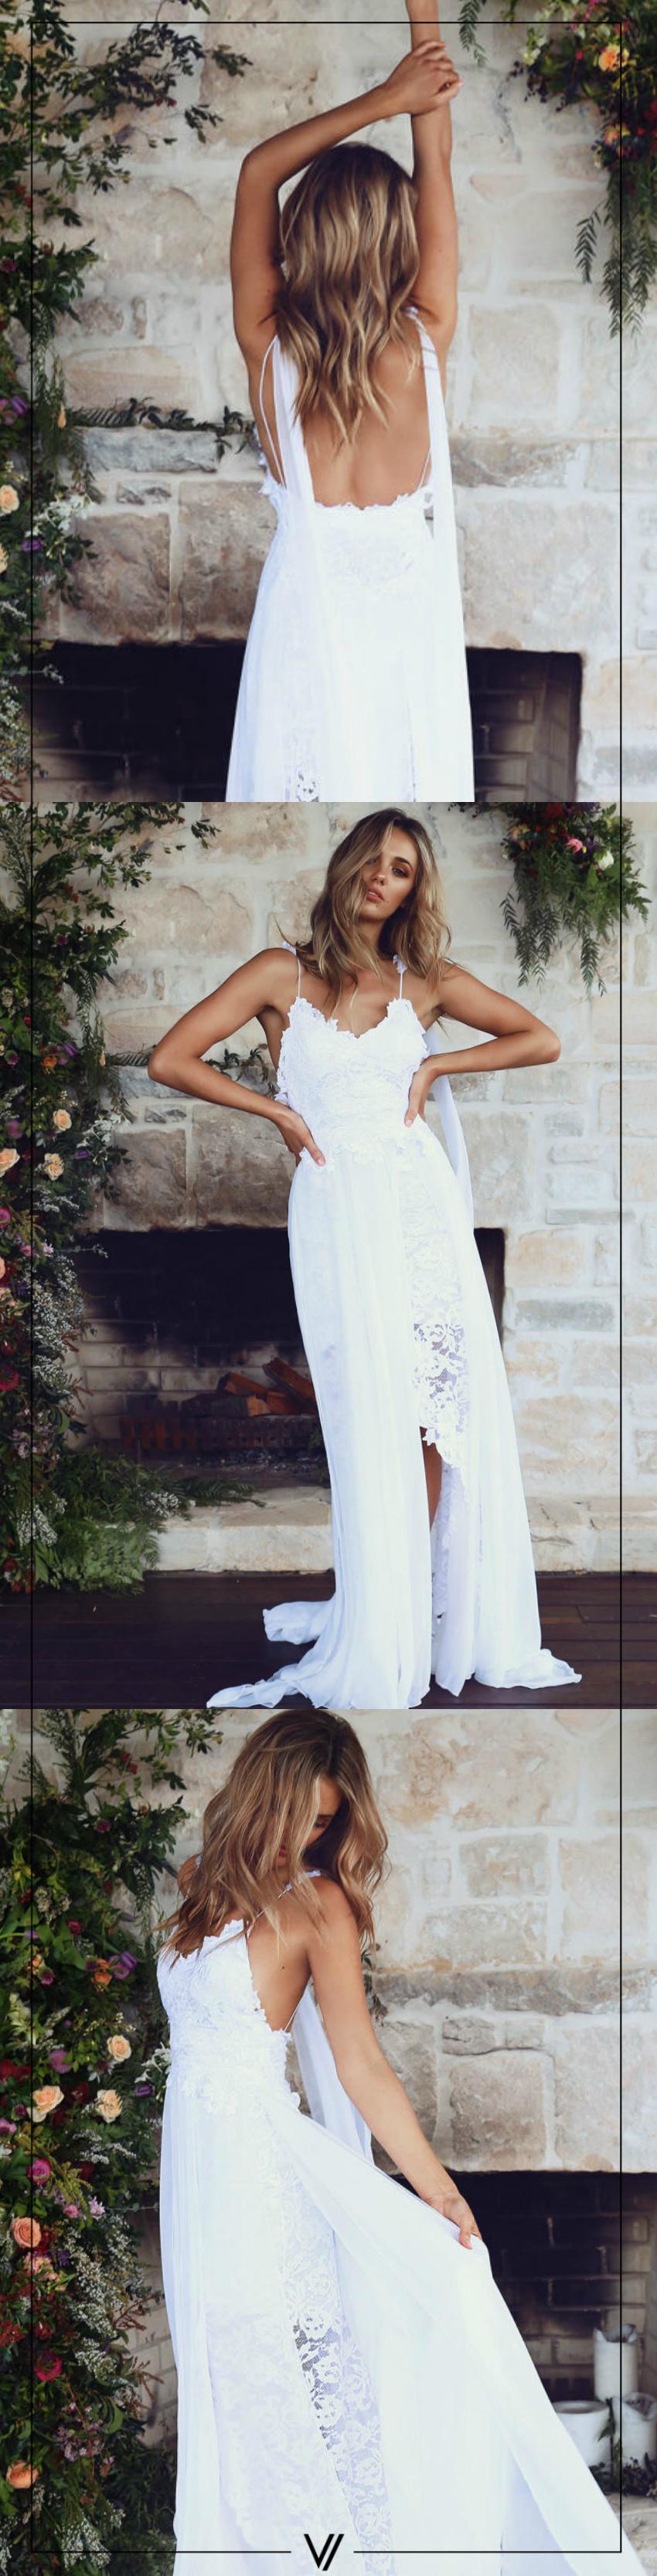 ¡Enamoradas del vestido de Grace Loves Lace!  #WeddingDress #Boda #Inspiracion